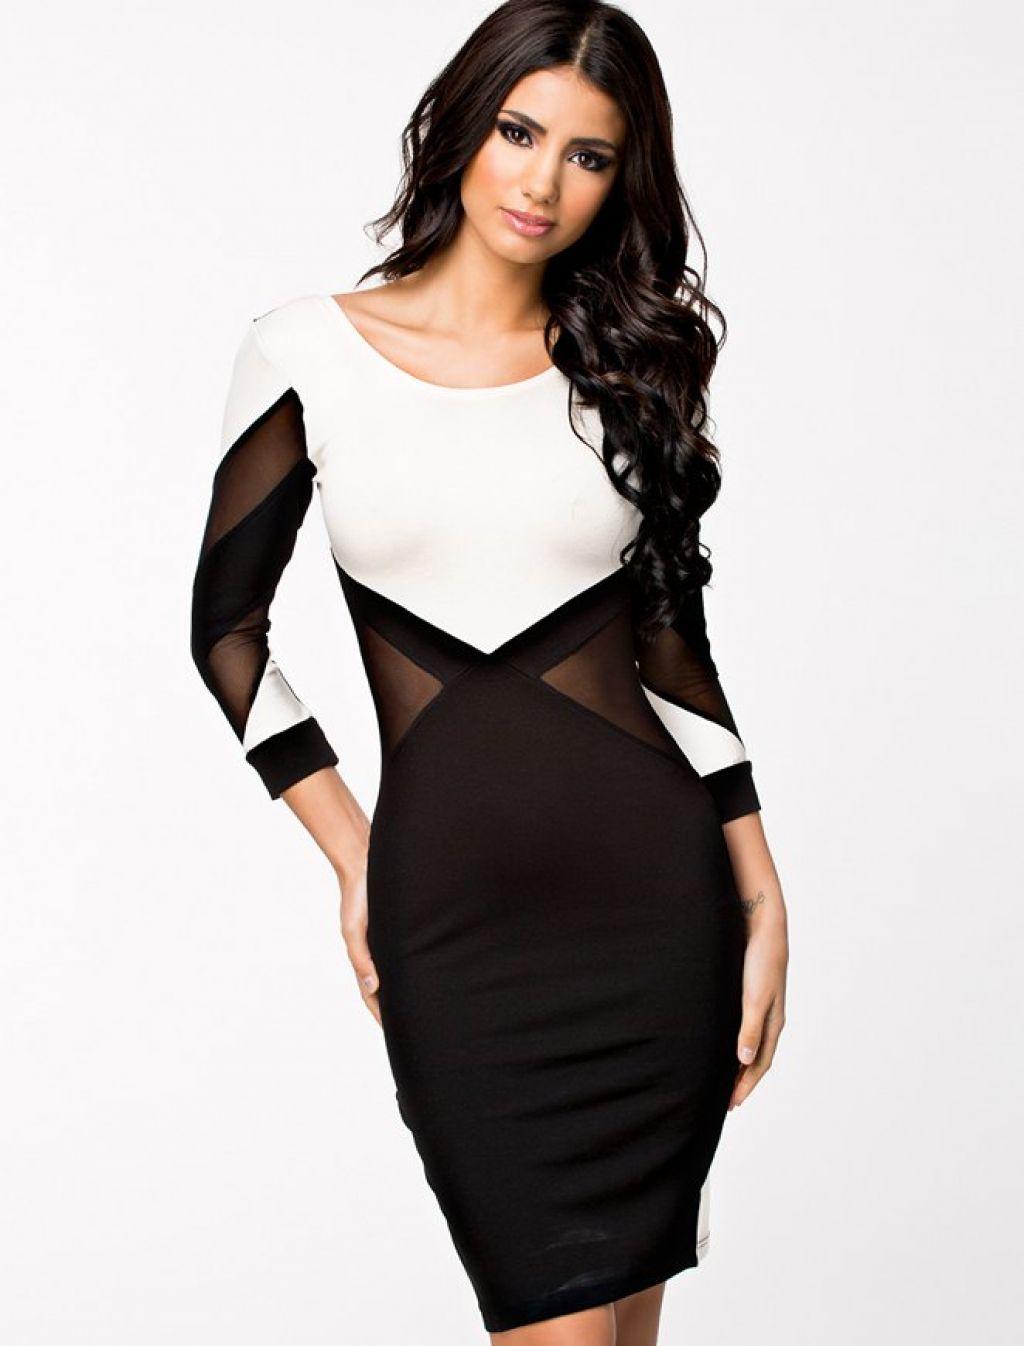 Vestido negro y blanco con transparencias